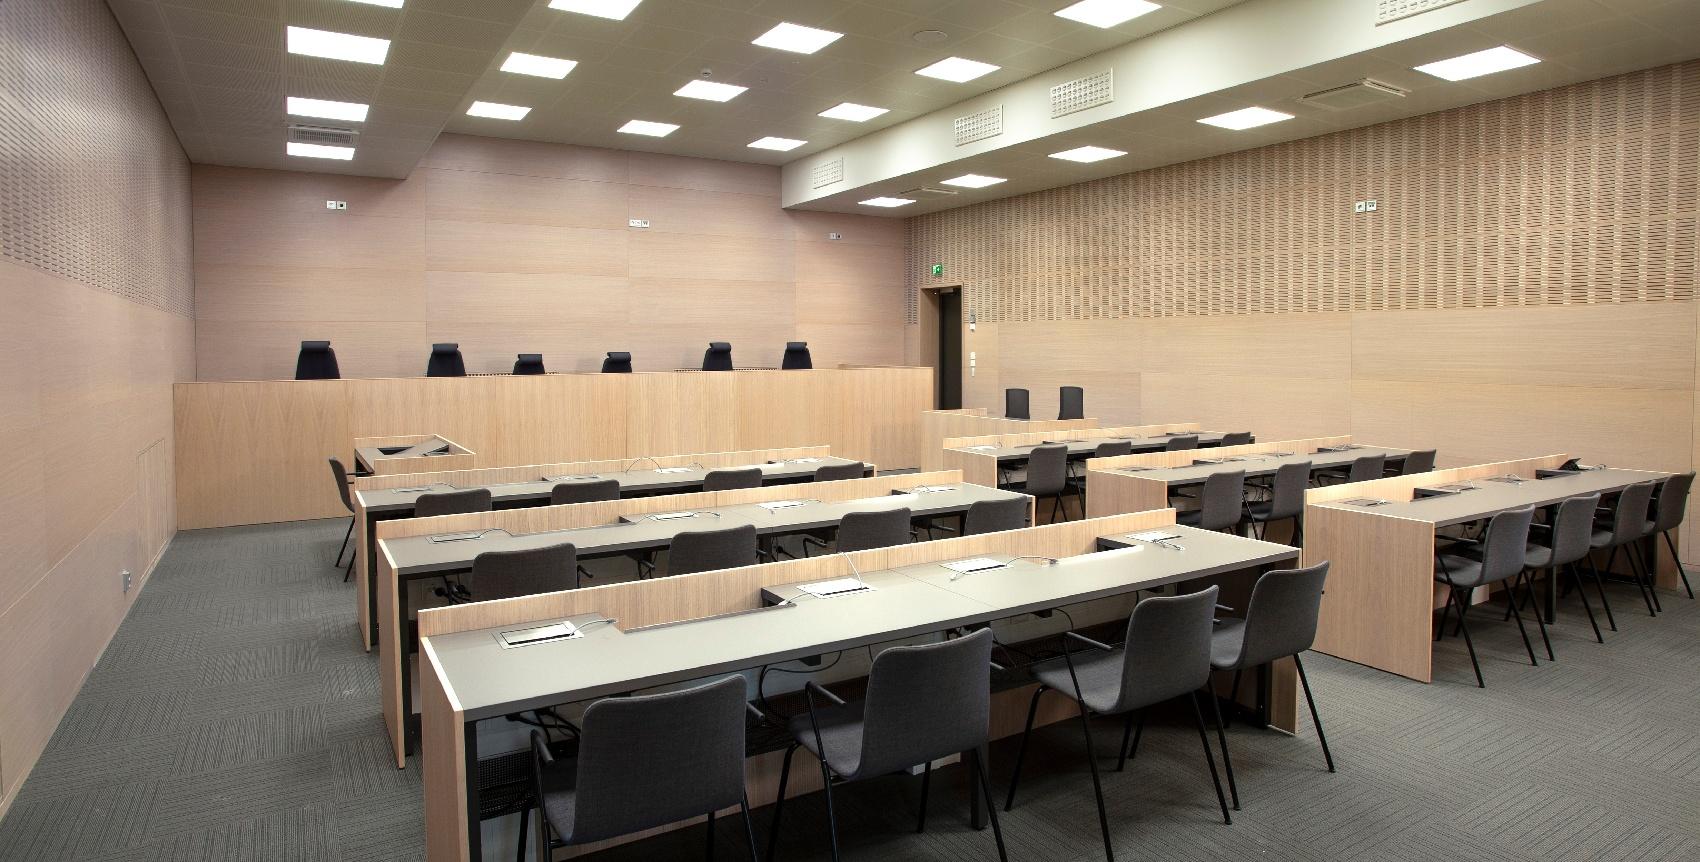 Lappeenrannan oikeustalo - istuntosali - Puucomp sisäverhous